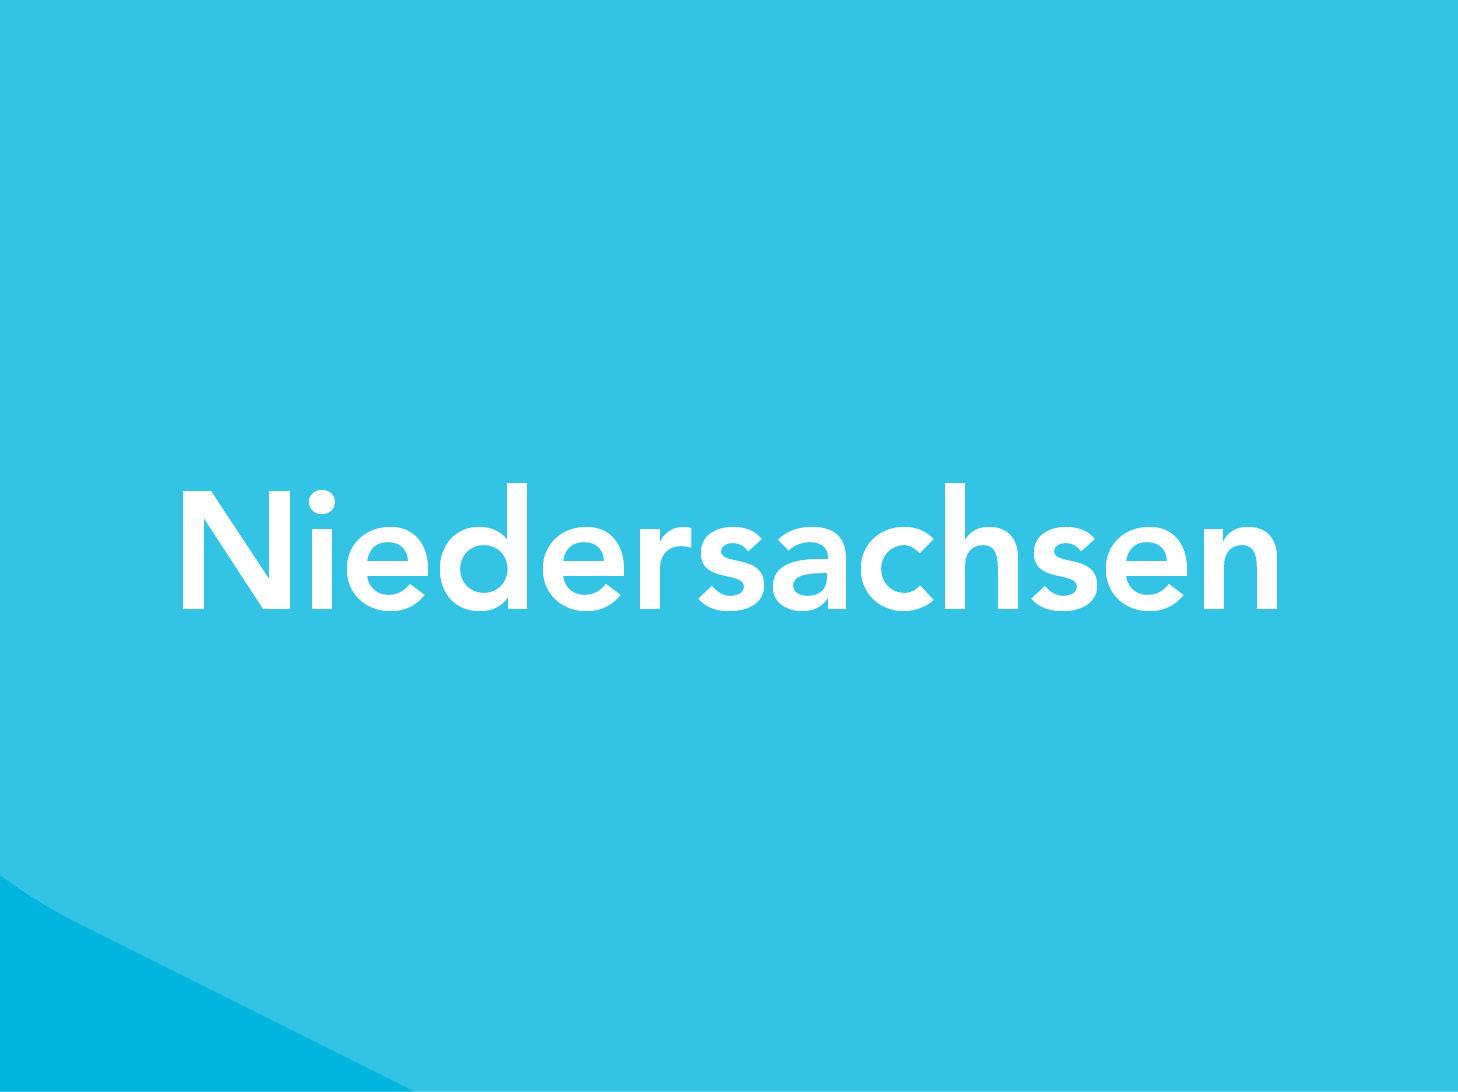 Niedersachsen Portfolio